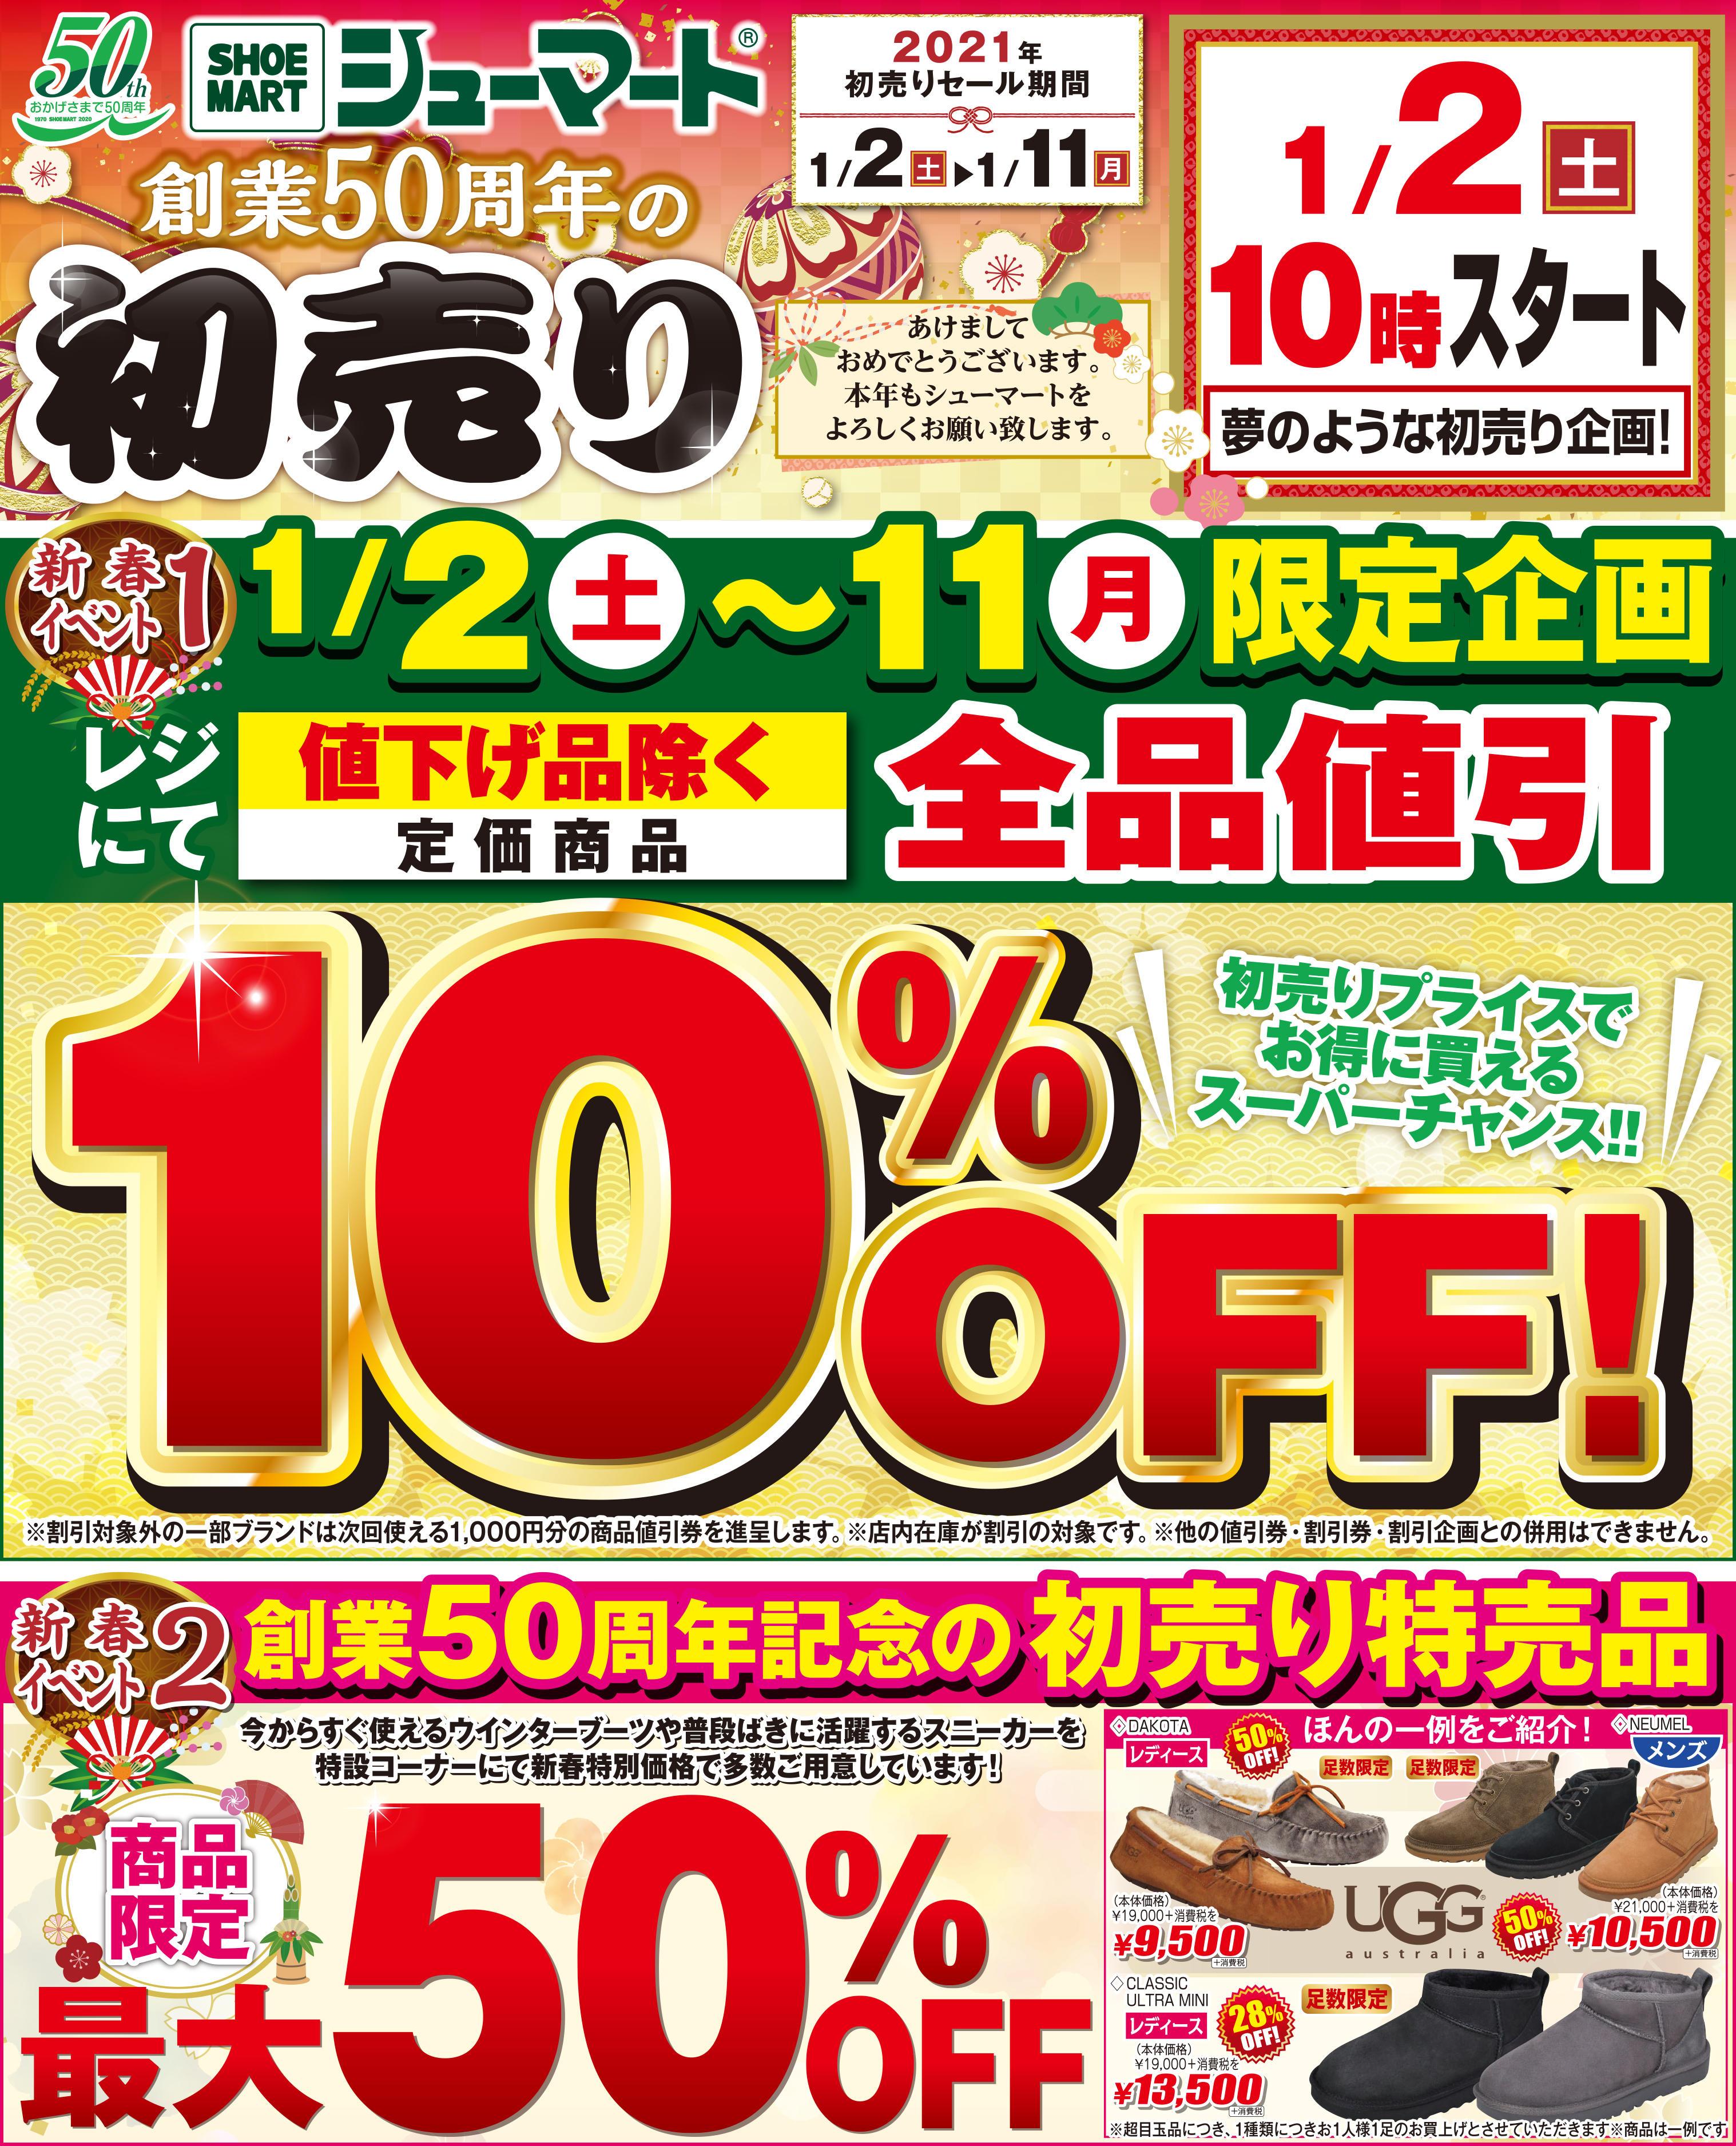 210101つくばLINE初売りB4.jpg